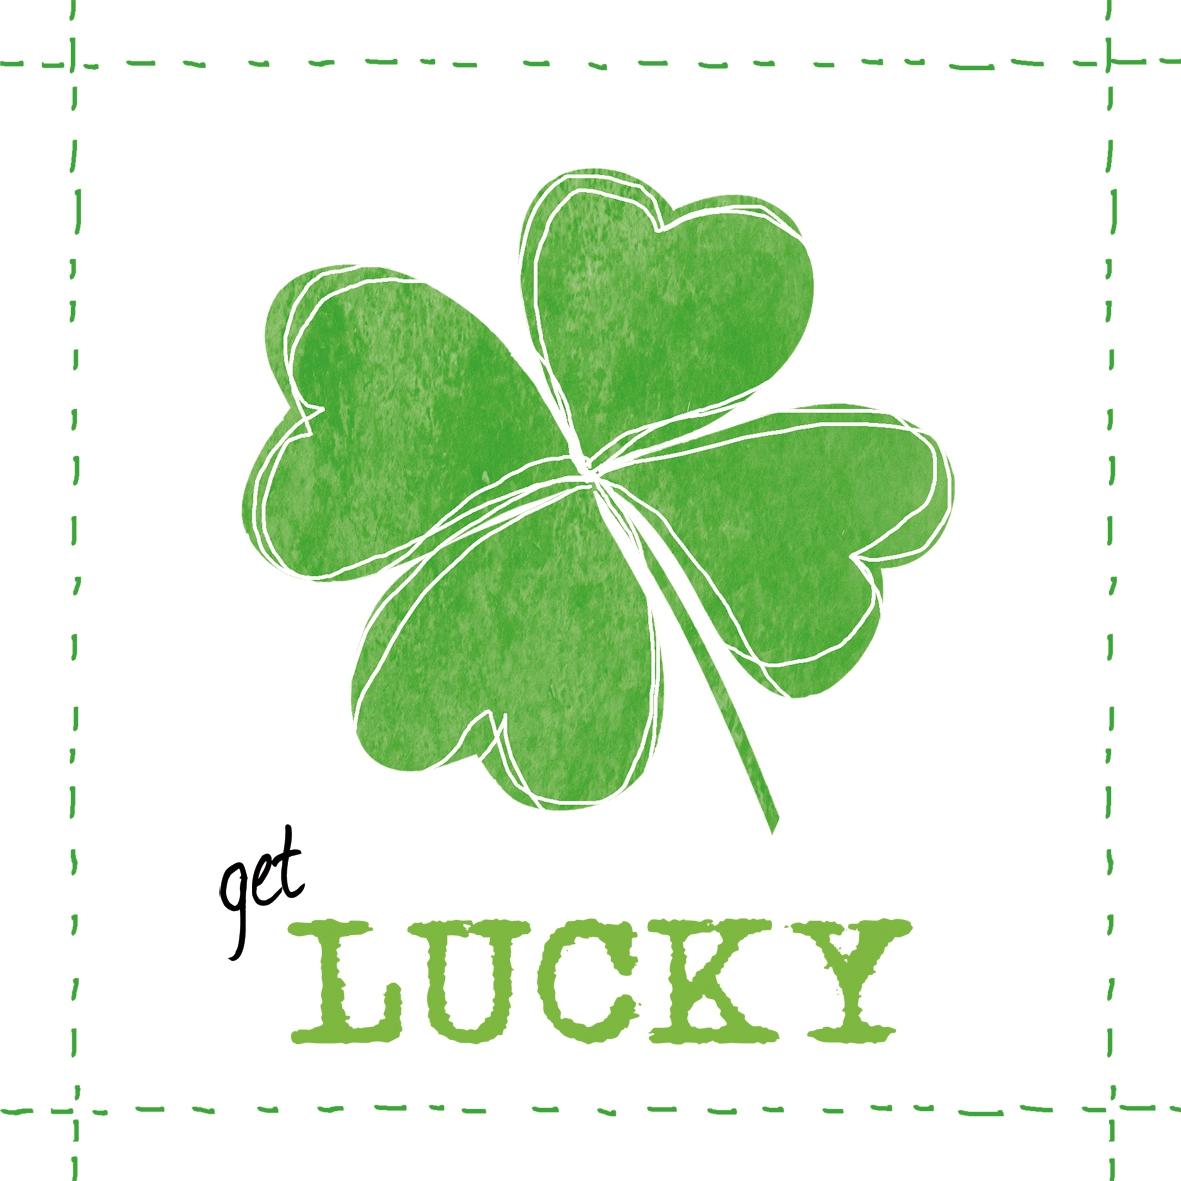 Lunch Servietten Get Lucky!,  Sonstiges - Schriften,  Pflanzen - Klee,  Everyday,  lunchservietten,  Klee,  Schriften